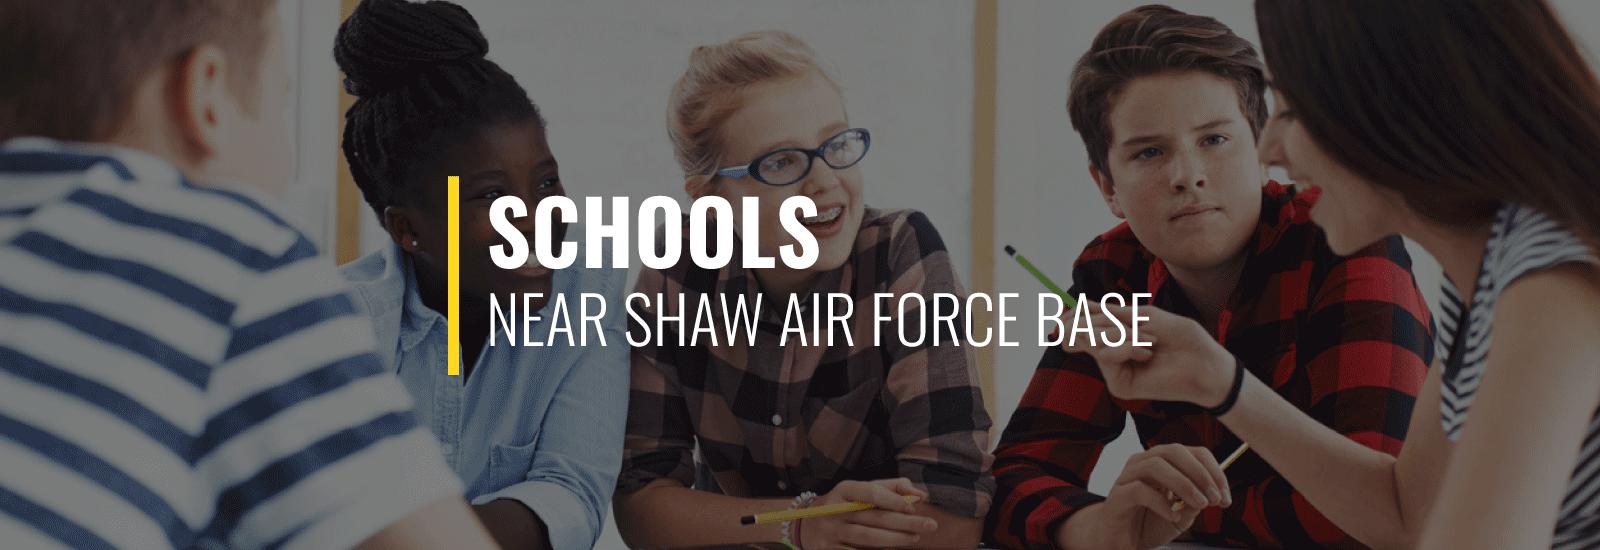 Shaw AFB Schools